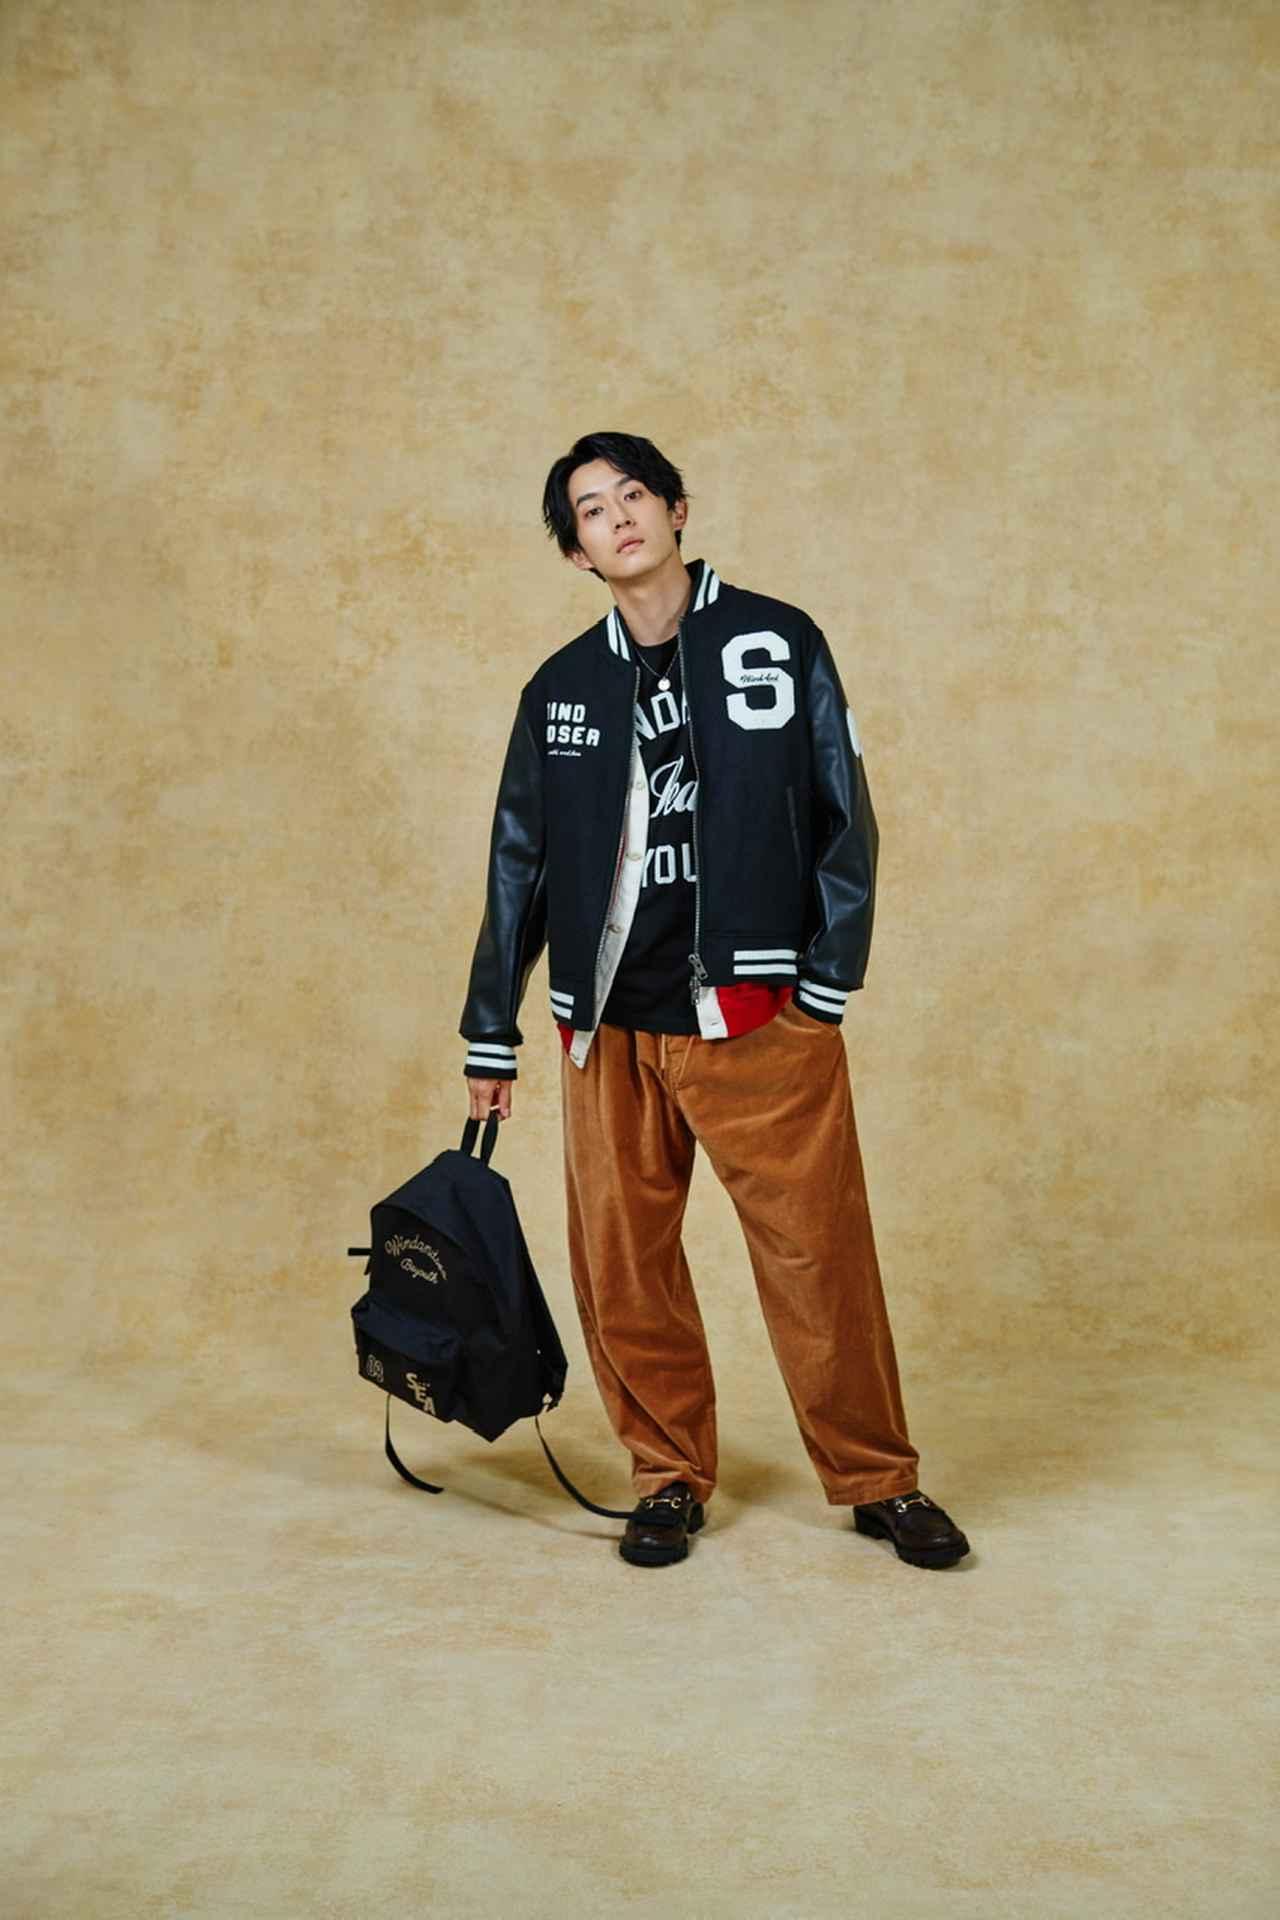 画像13: 東京発のアパレルブランド3周年を記念した杉野遥亮起用のコレクション展開